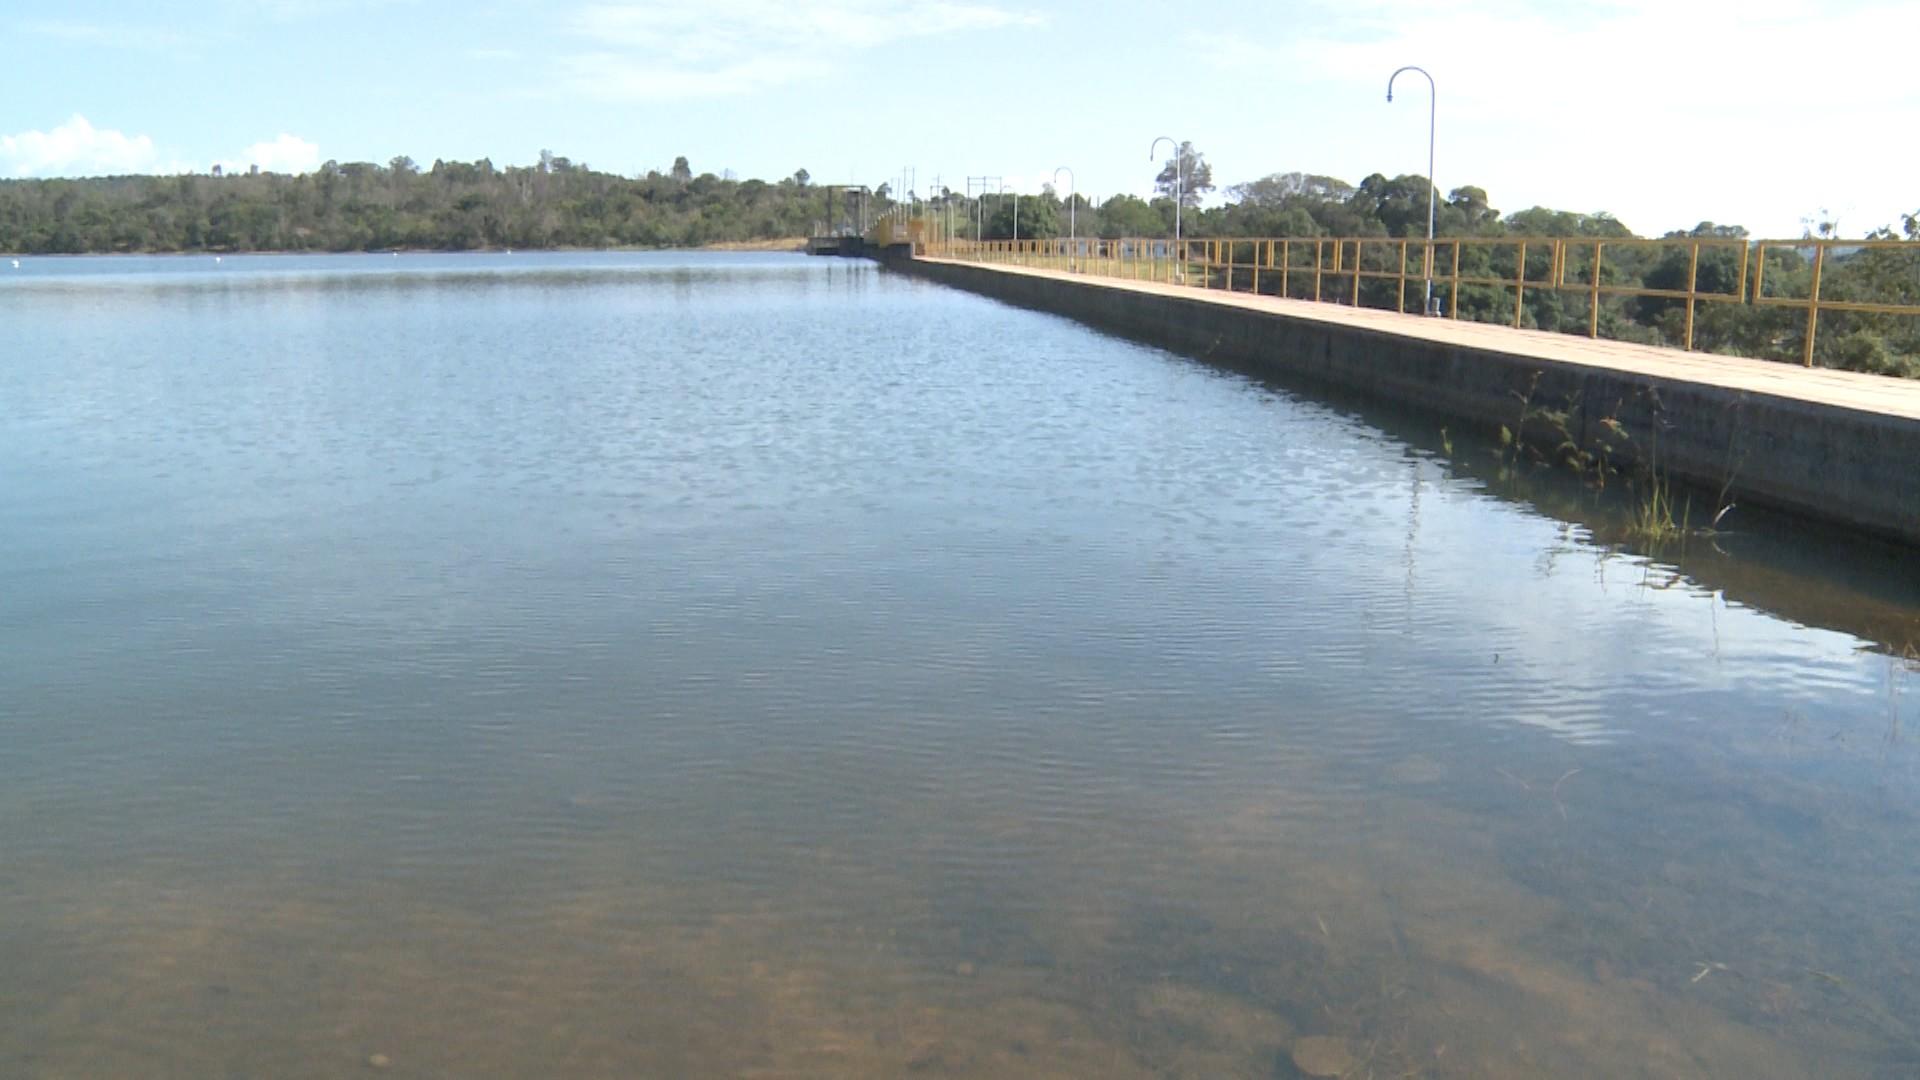 Volume de água na barragem de Carmo do Cajuru está próximo de atingir a capacidade total - Noticias